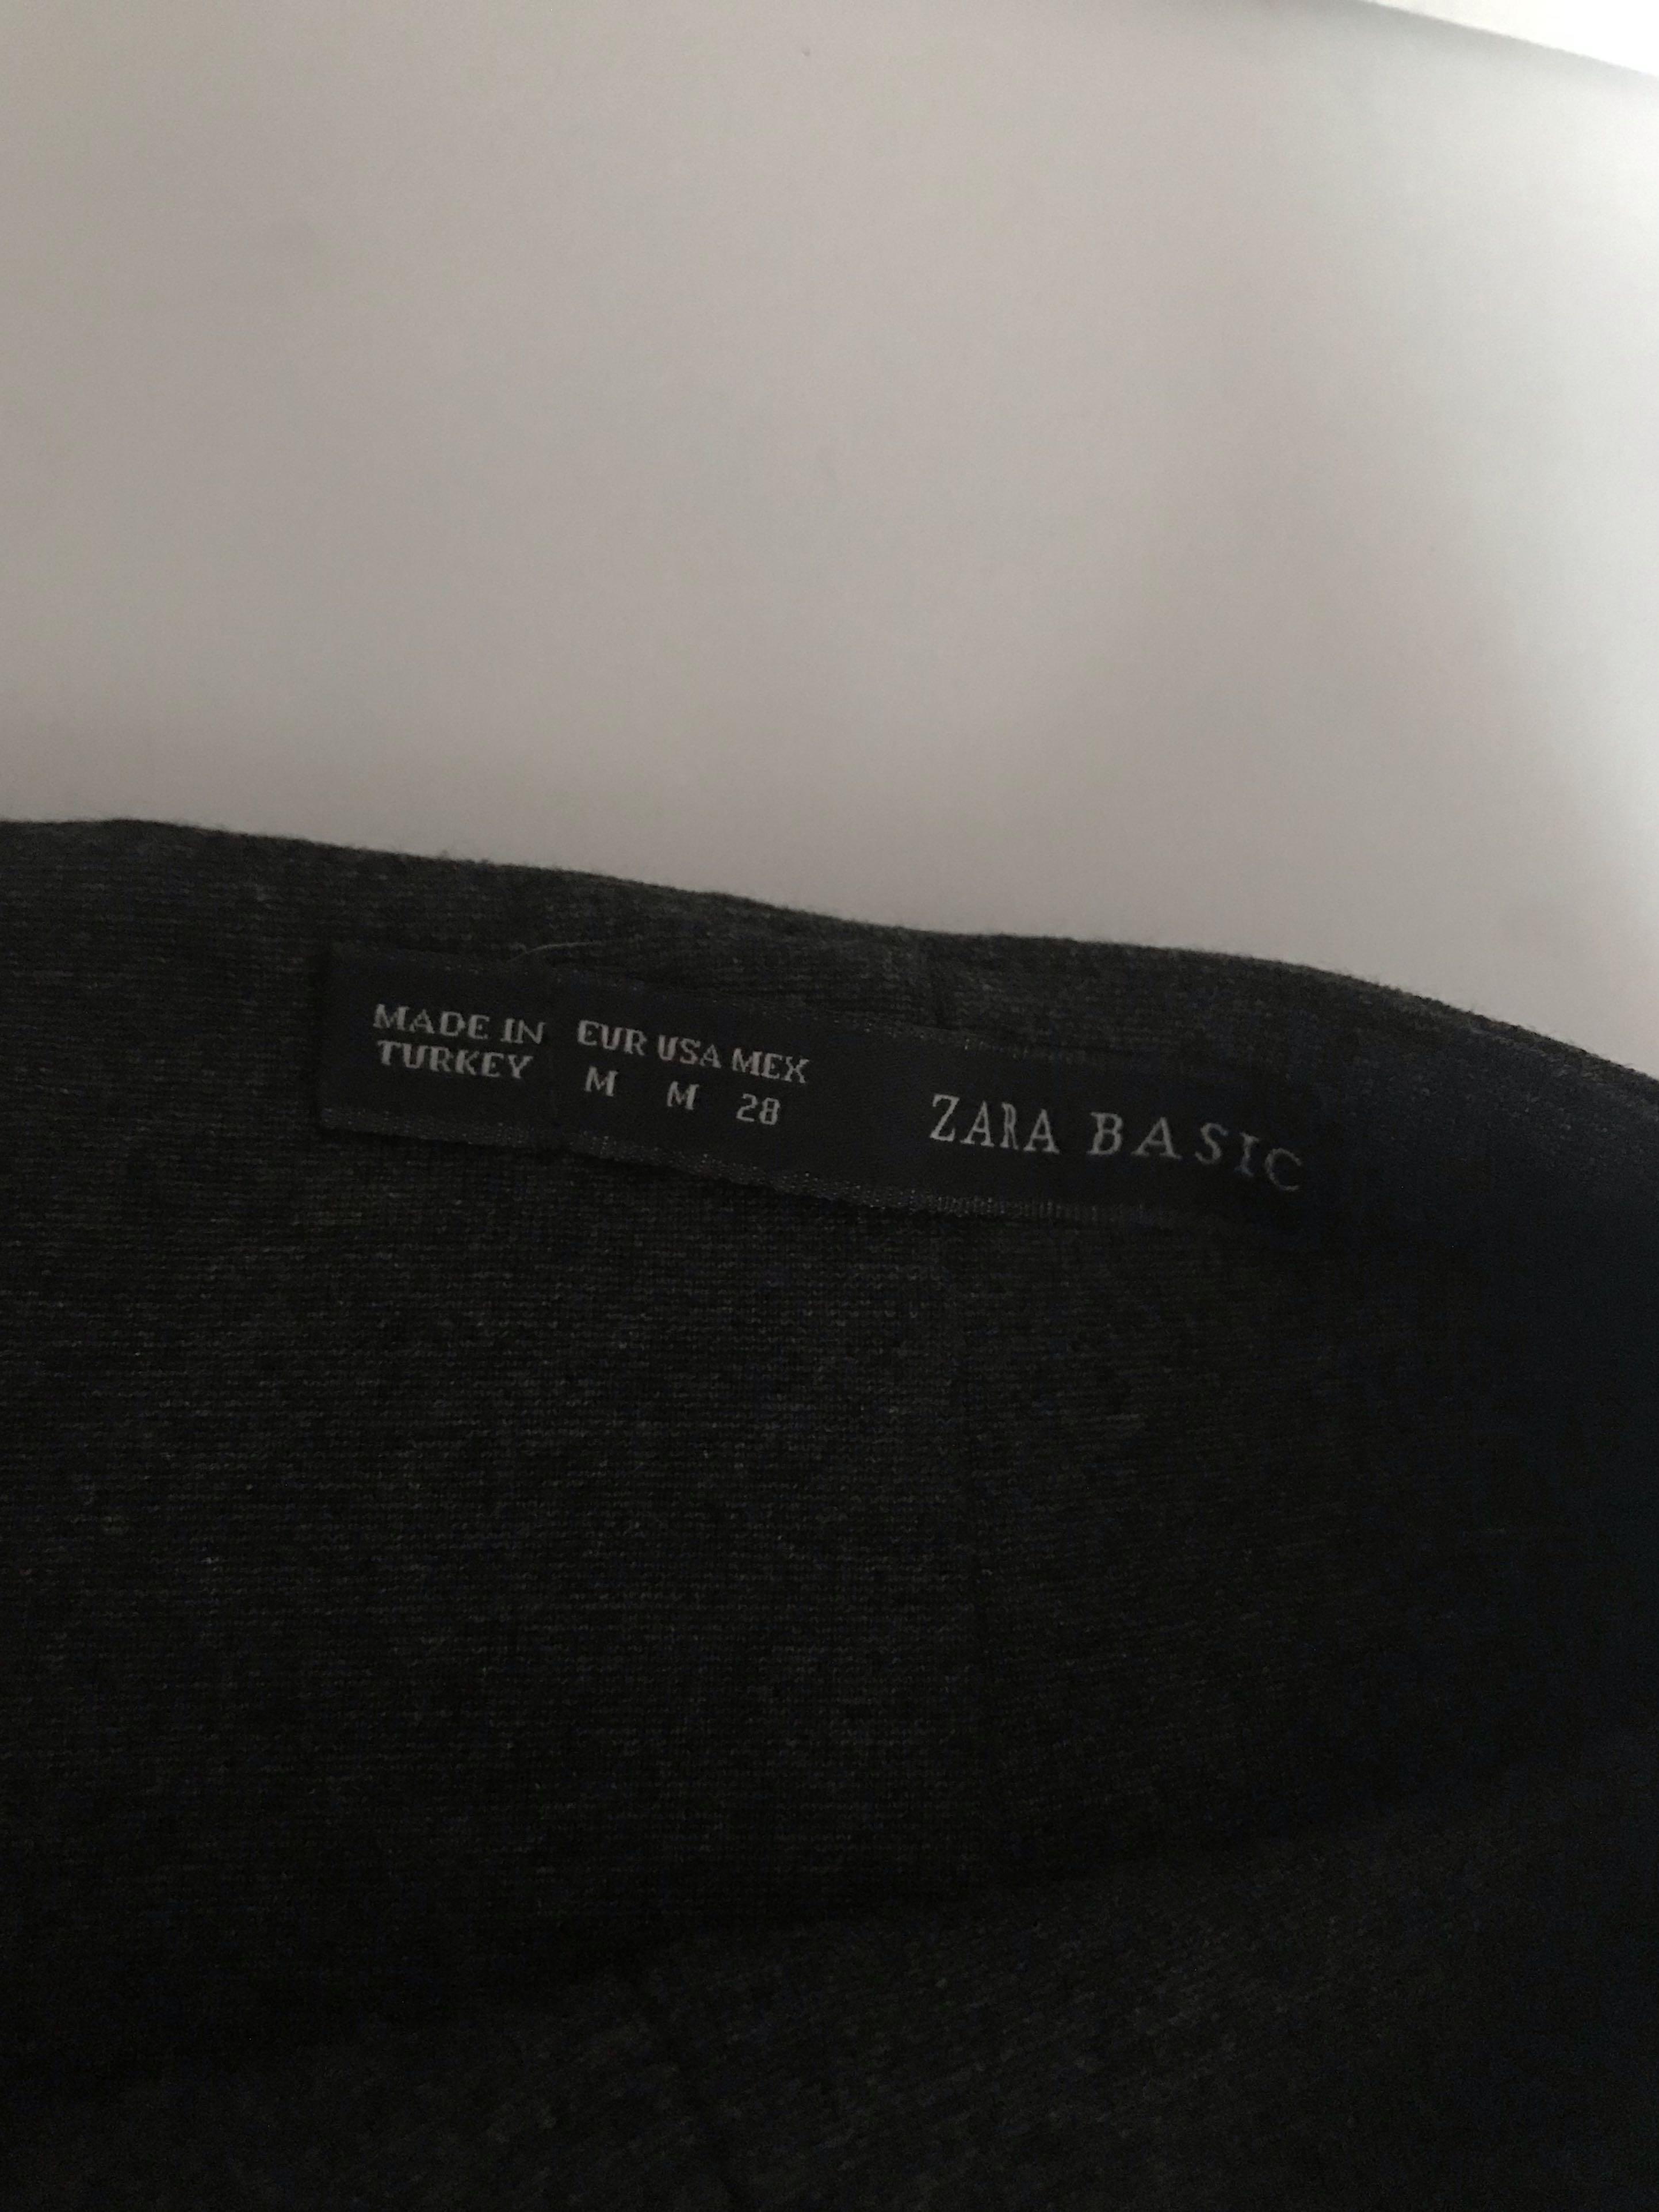 ZARA Classic Dark Grey Work Pencil Skirt #mauvivo